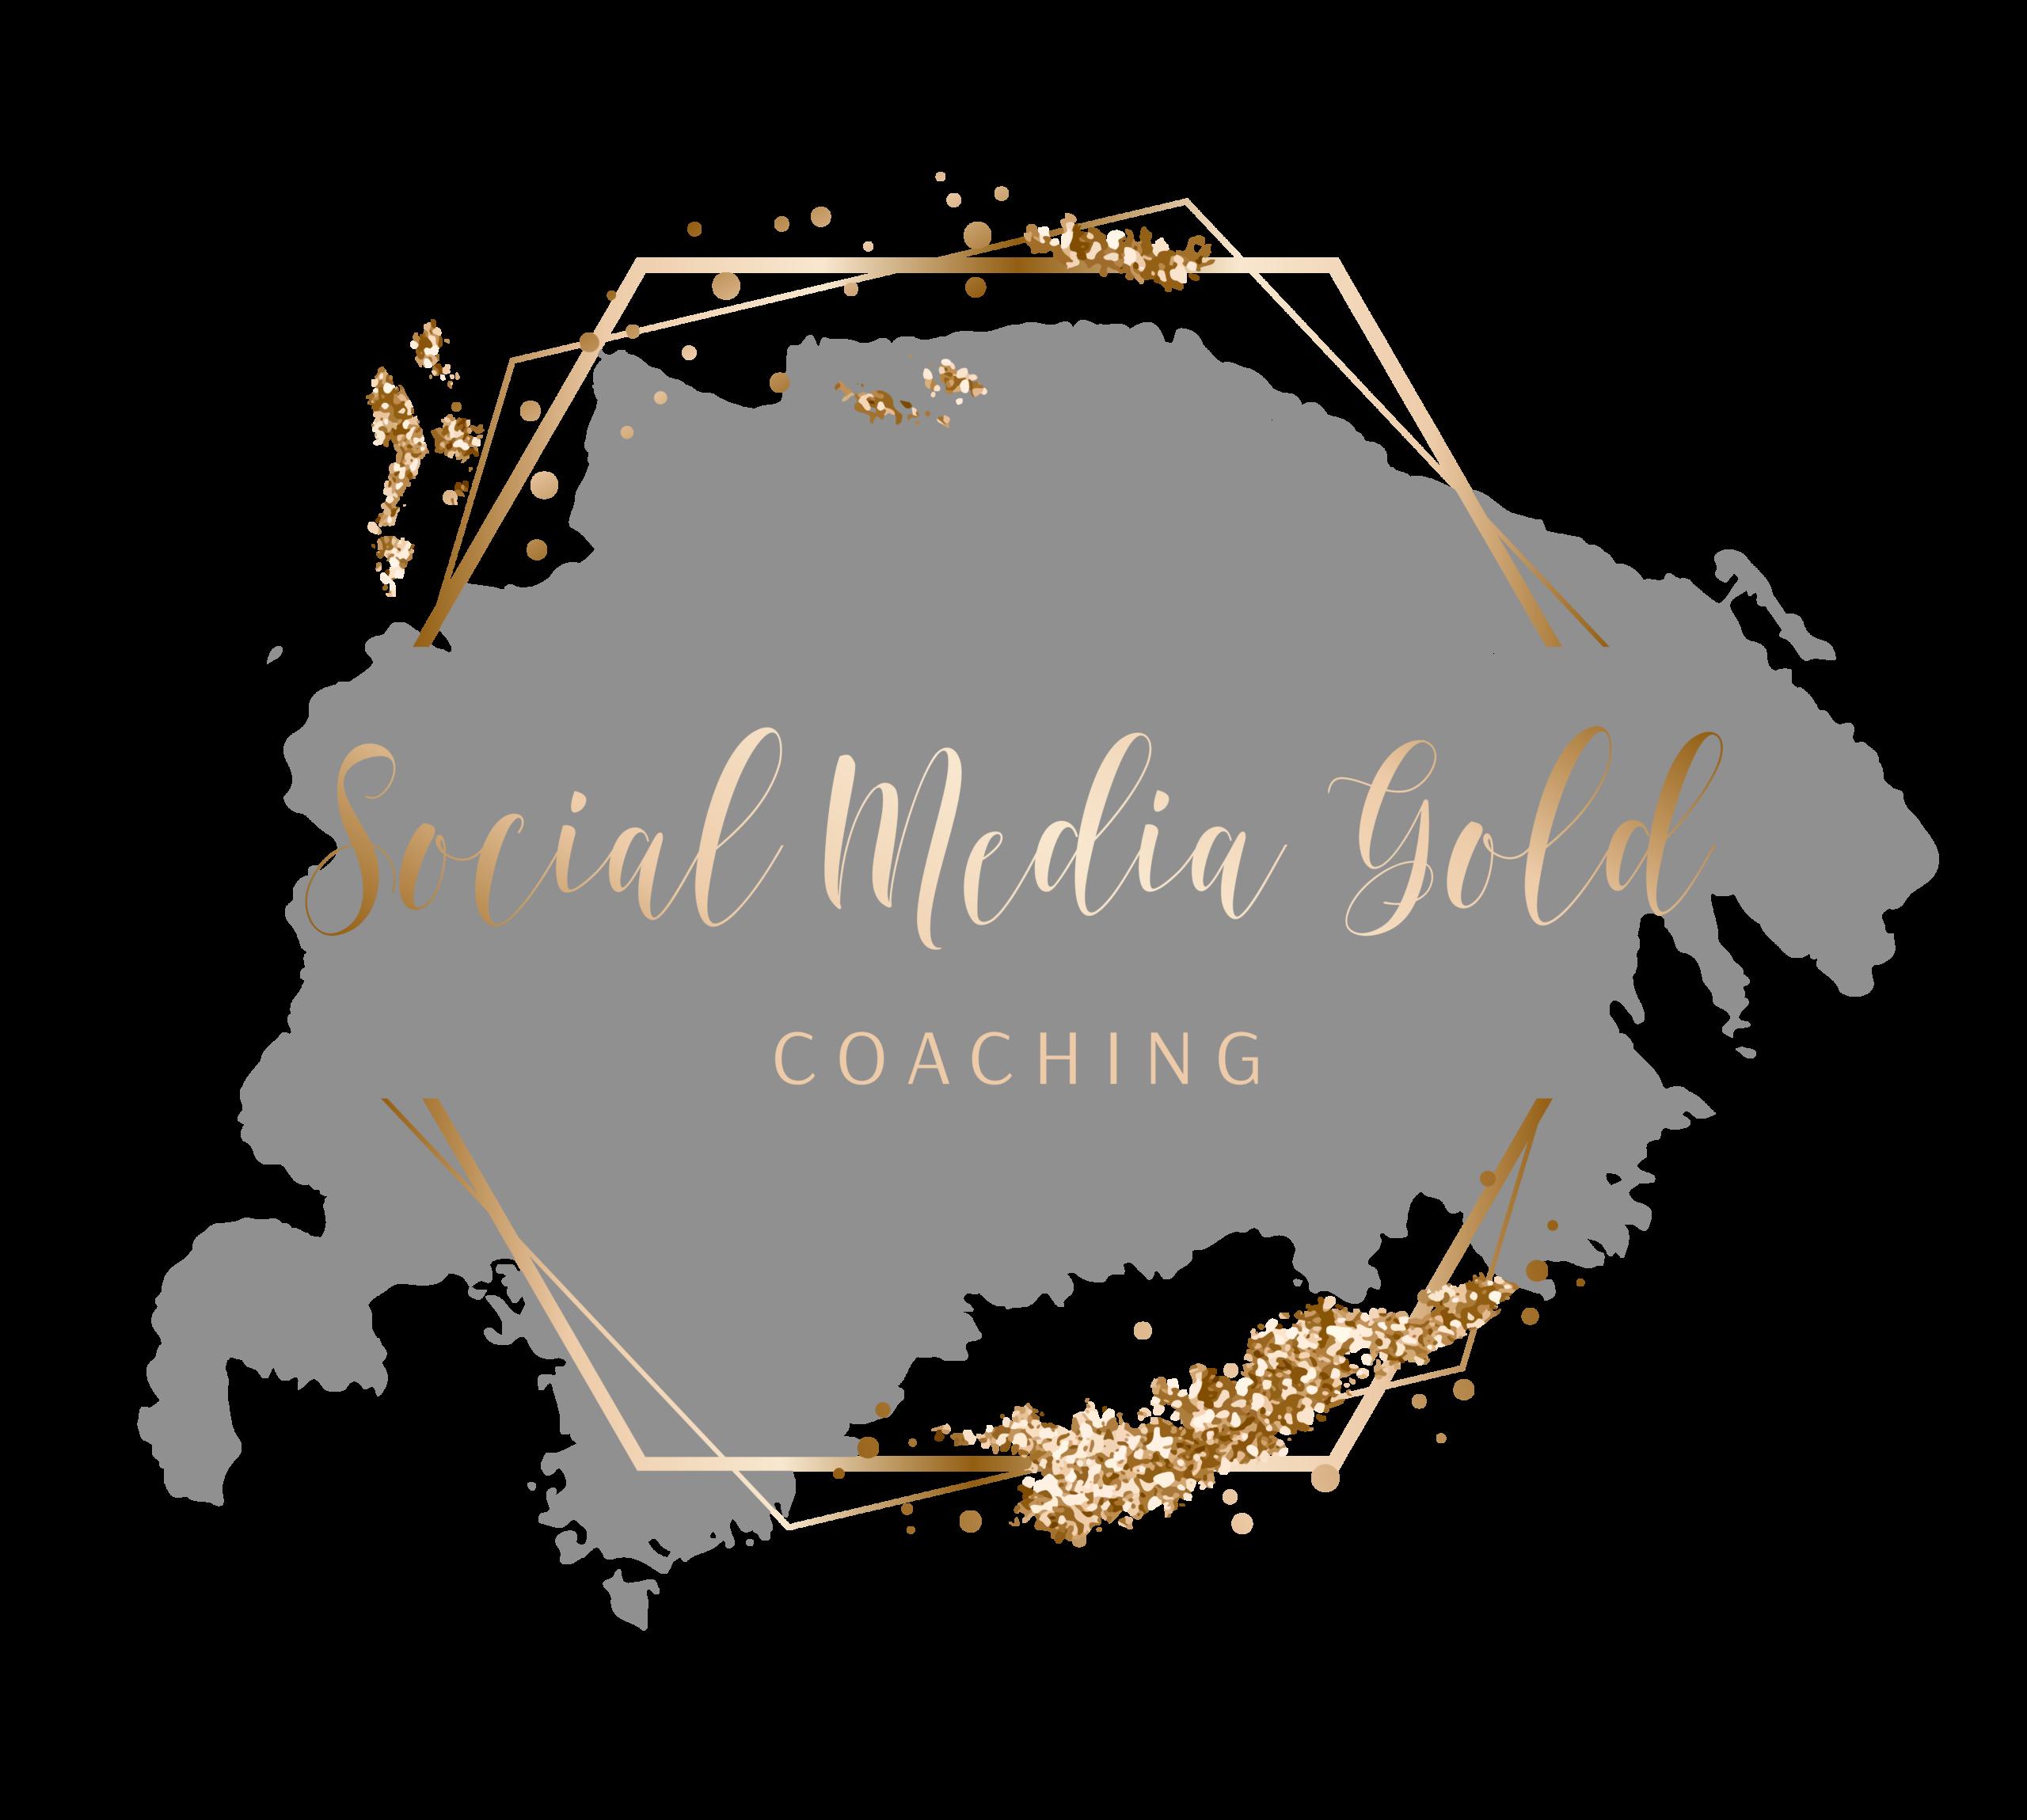 Social Media Gold Gbr